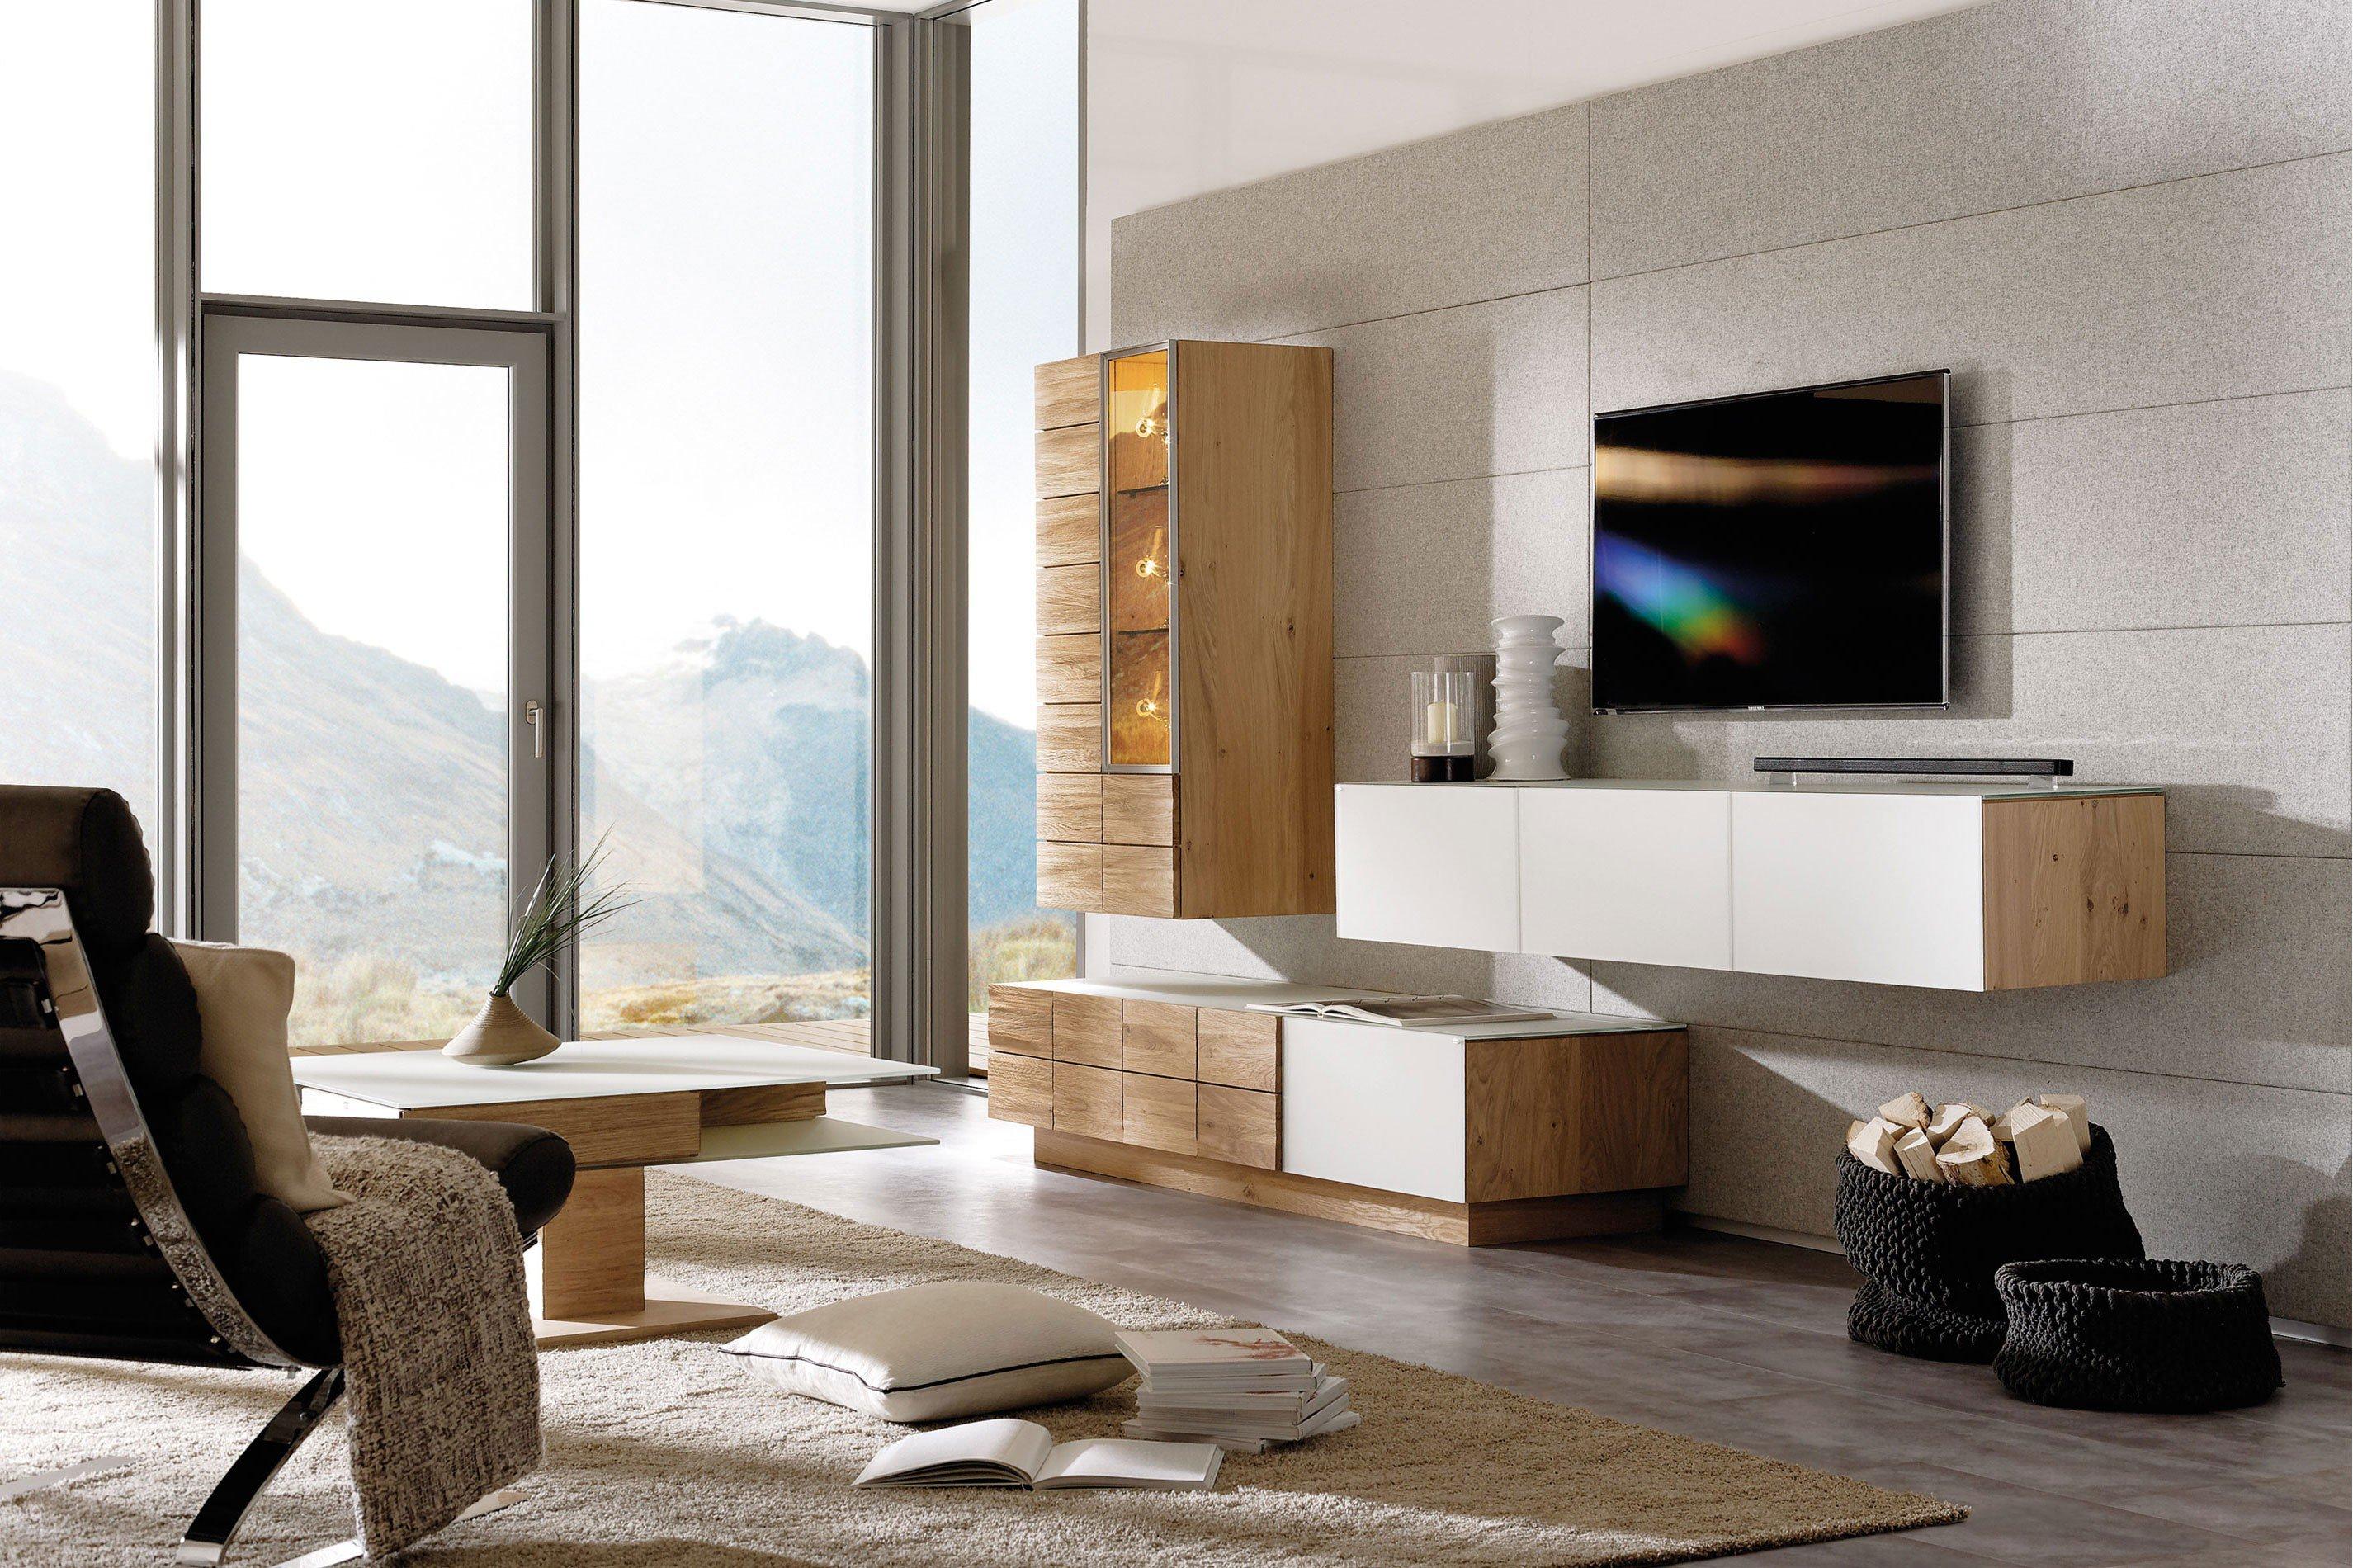 voglauer wohnwand v montana 170 eiche colorglas optiwhite m bel letz ihr online shop. Black Bedroom Furniture Sets. Home Design Ideas